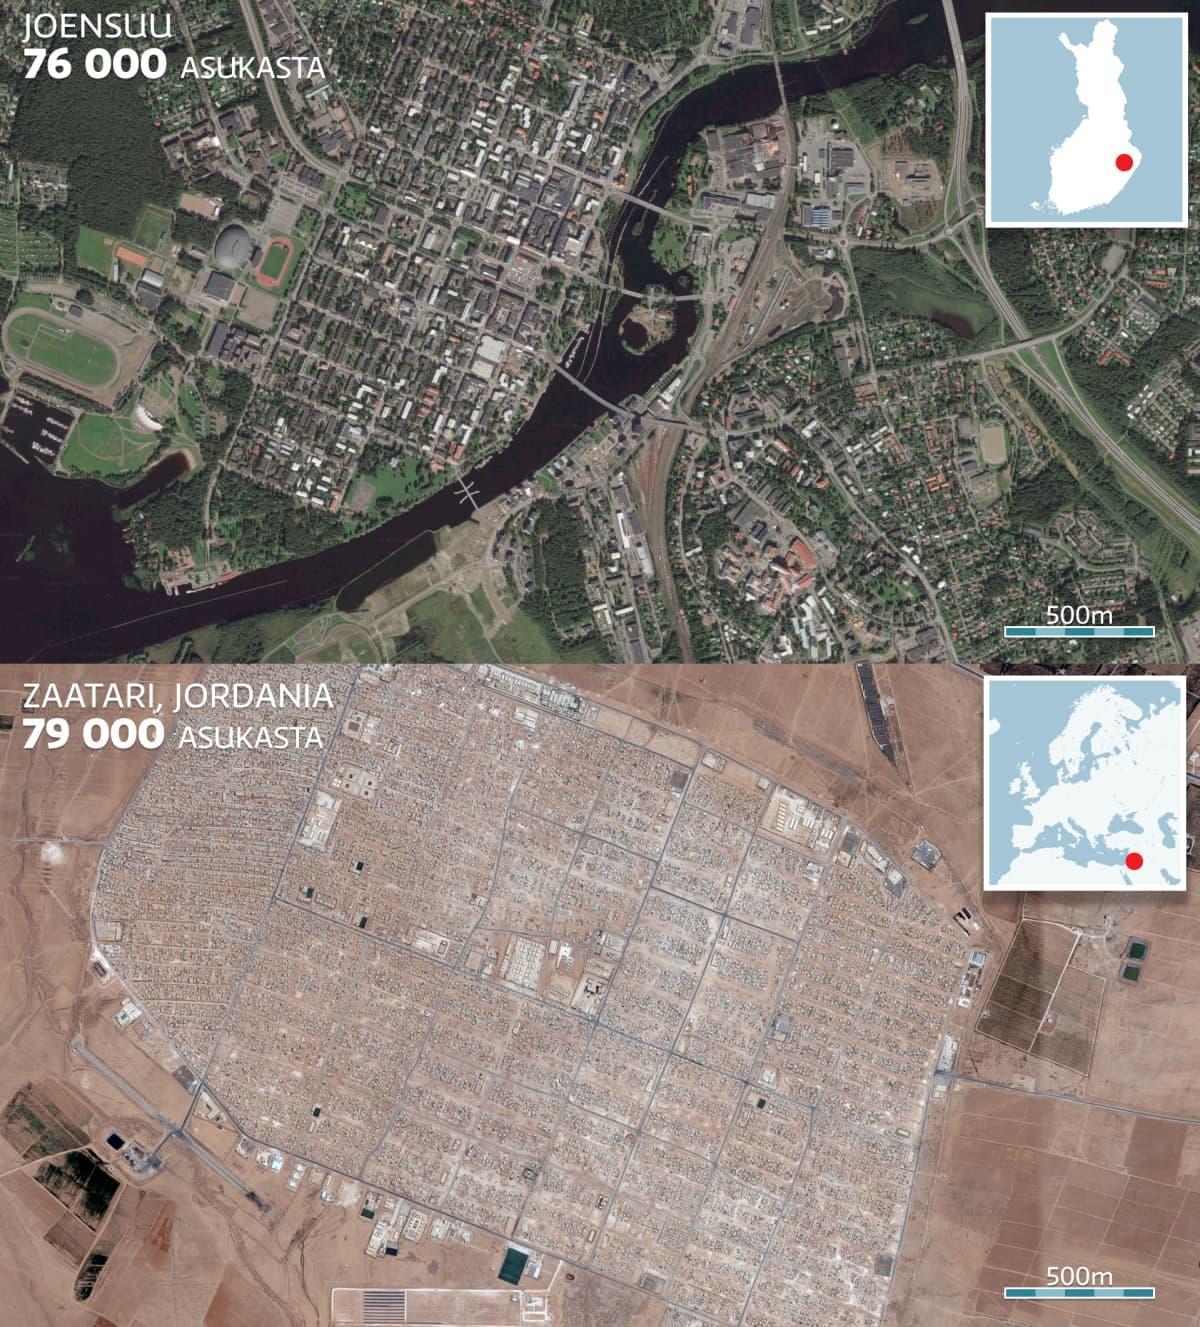 Kartta jossa vertaillaan Joensuun kaupunkia ja Zaatarin pakolaisleiriä.